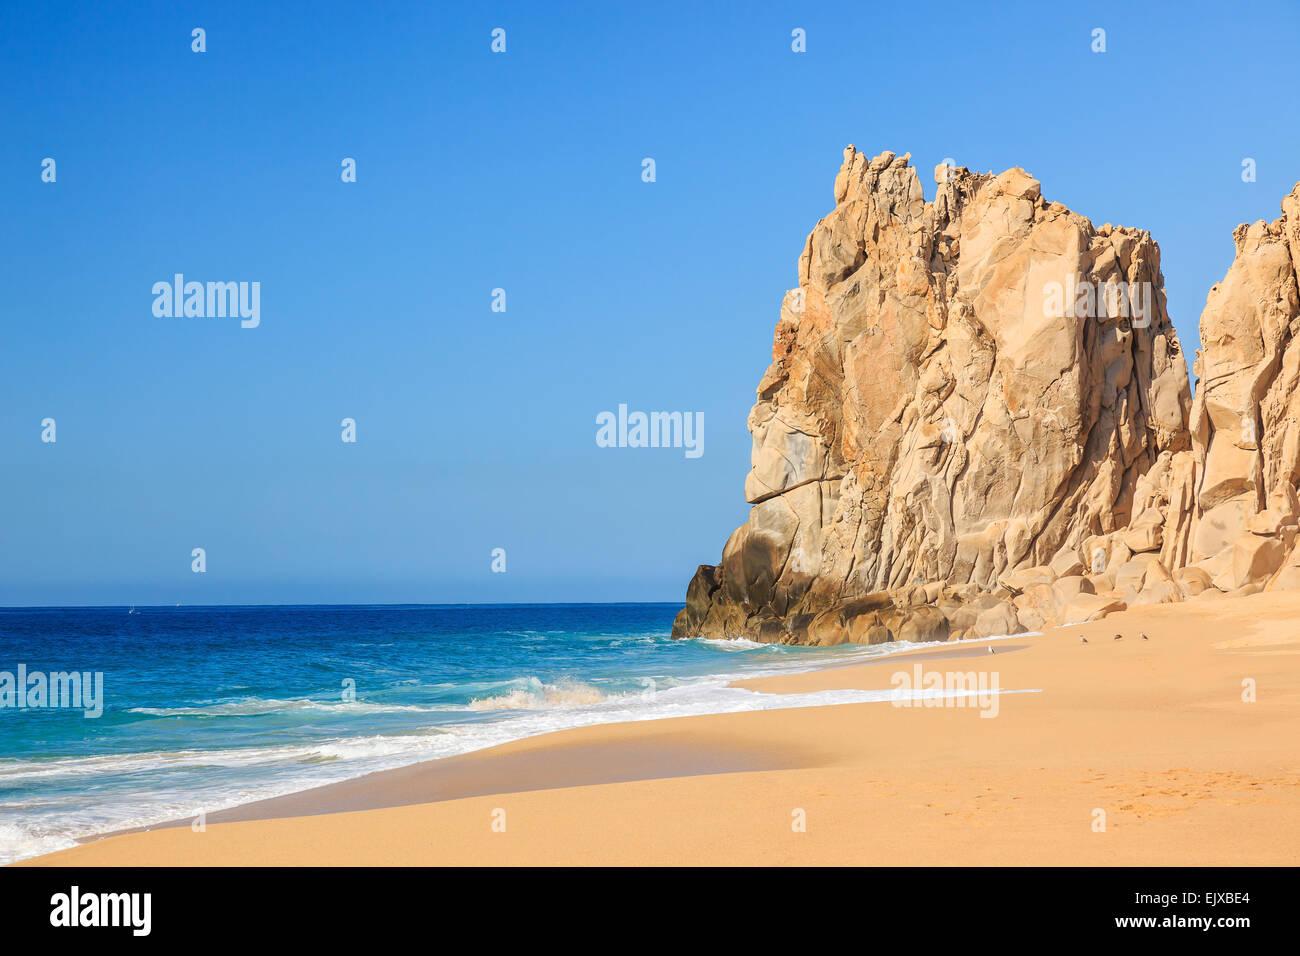 Cabo San Lucas, Mexico - Stock Image